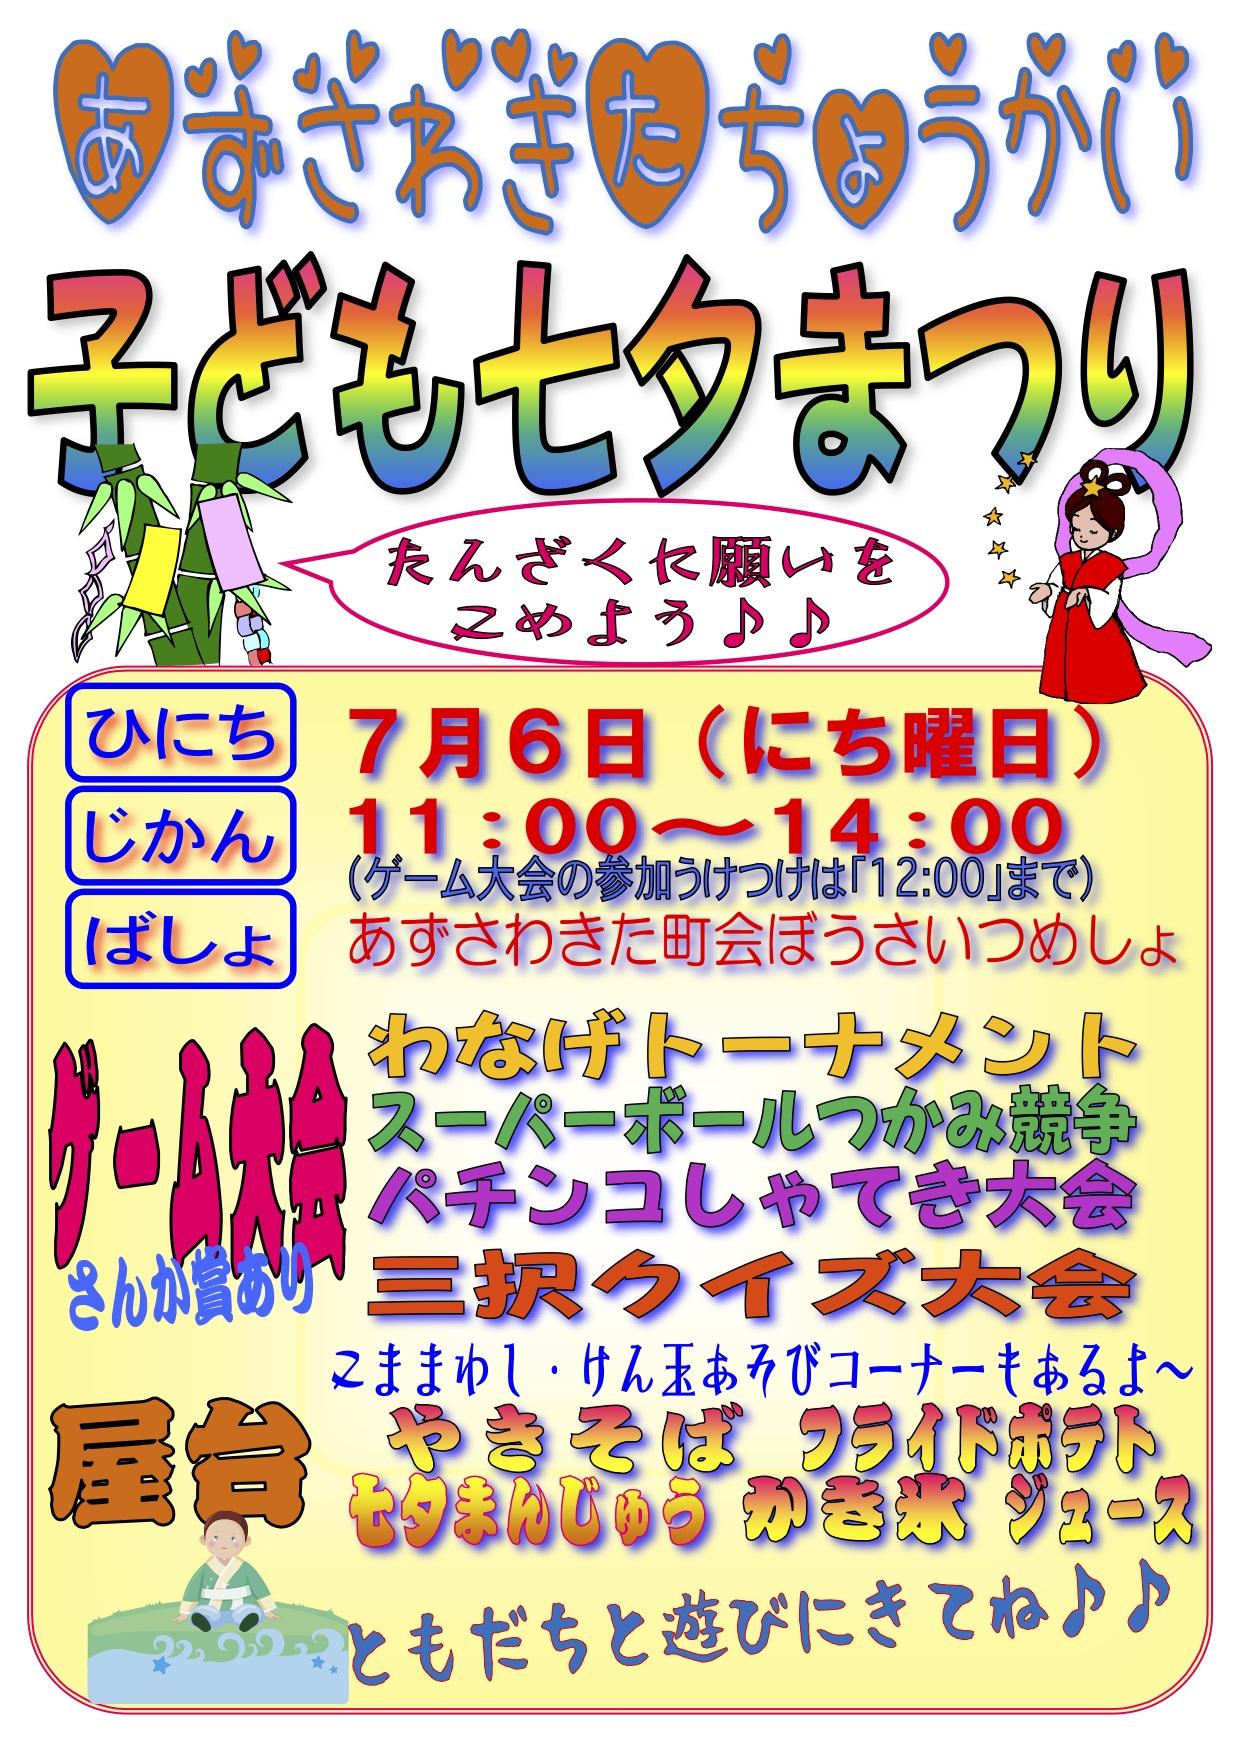 2014年7月6日(日)子供七夕まつりポスター